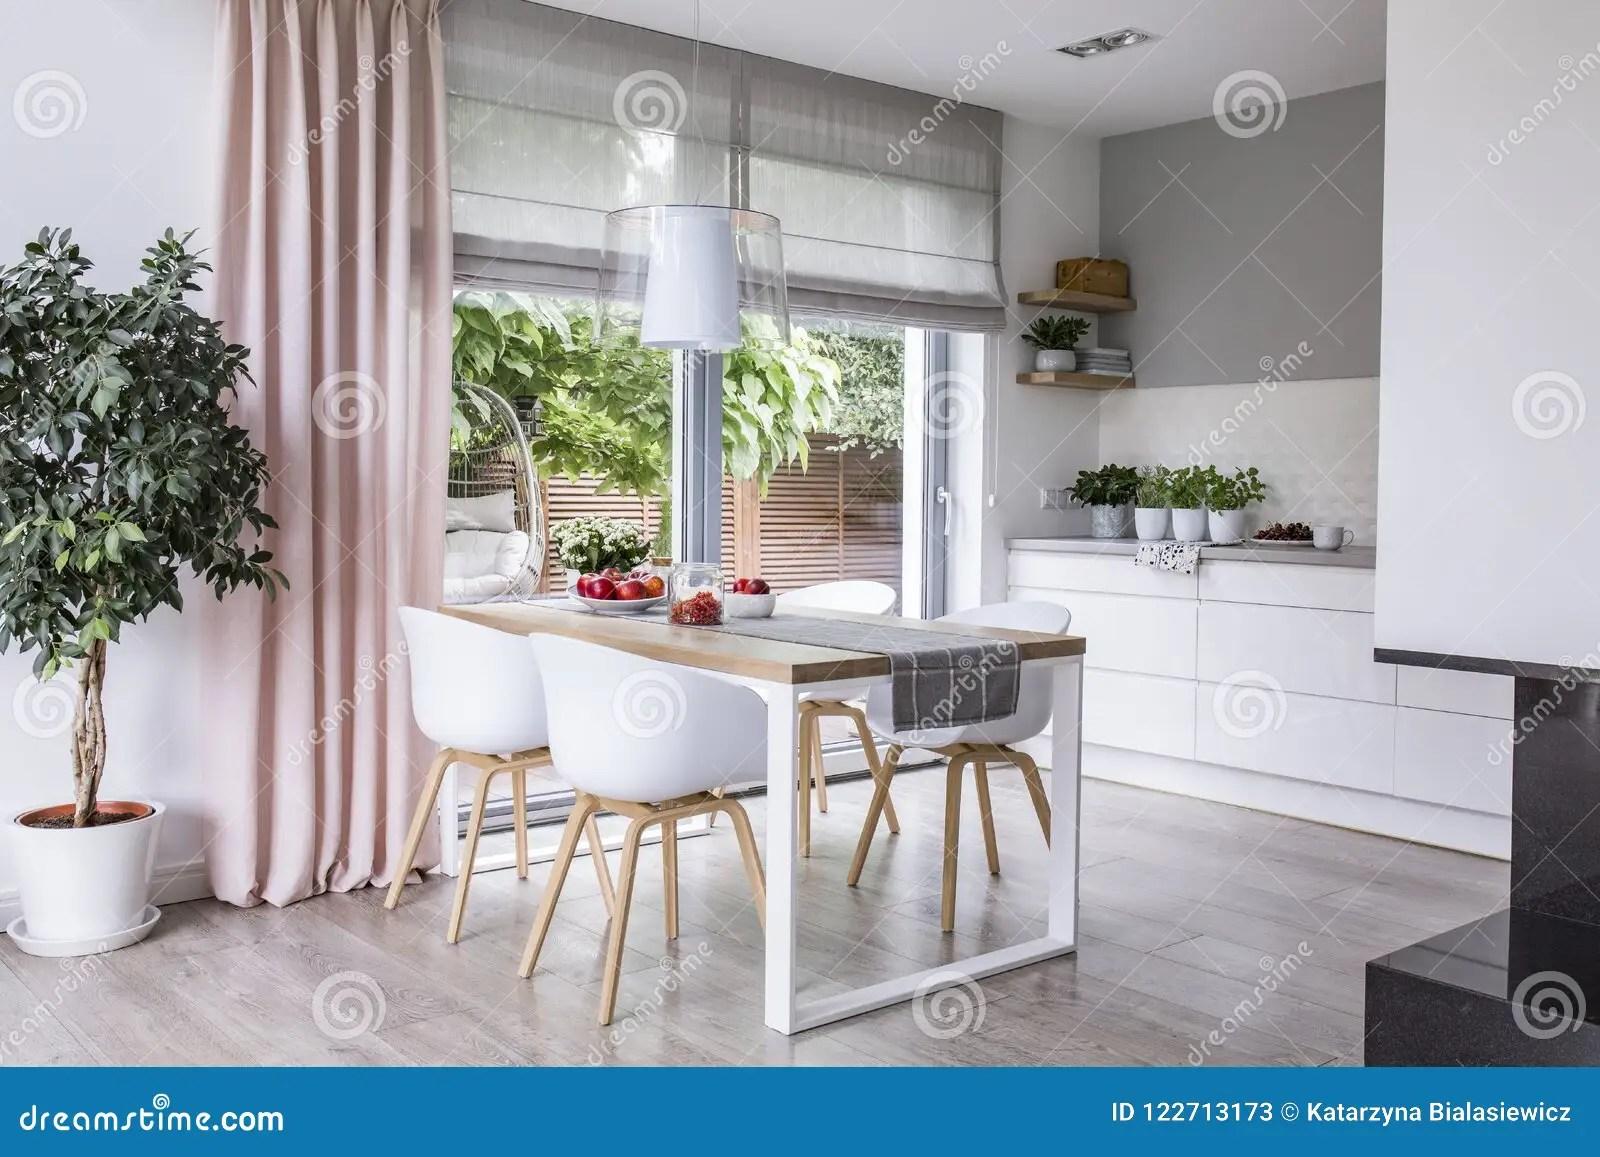 Graa Roman Skuggor Och En Rosa Gardin Pa Stora Glass Fonster I A Fotografering For Bildbyraer Bild Av Bifokal 122713173